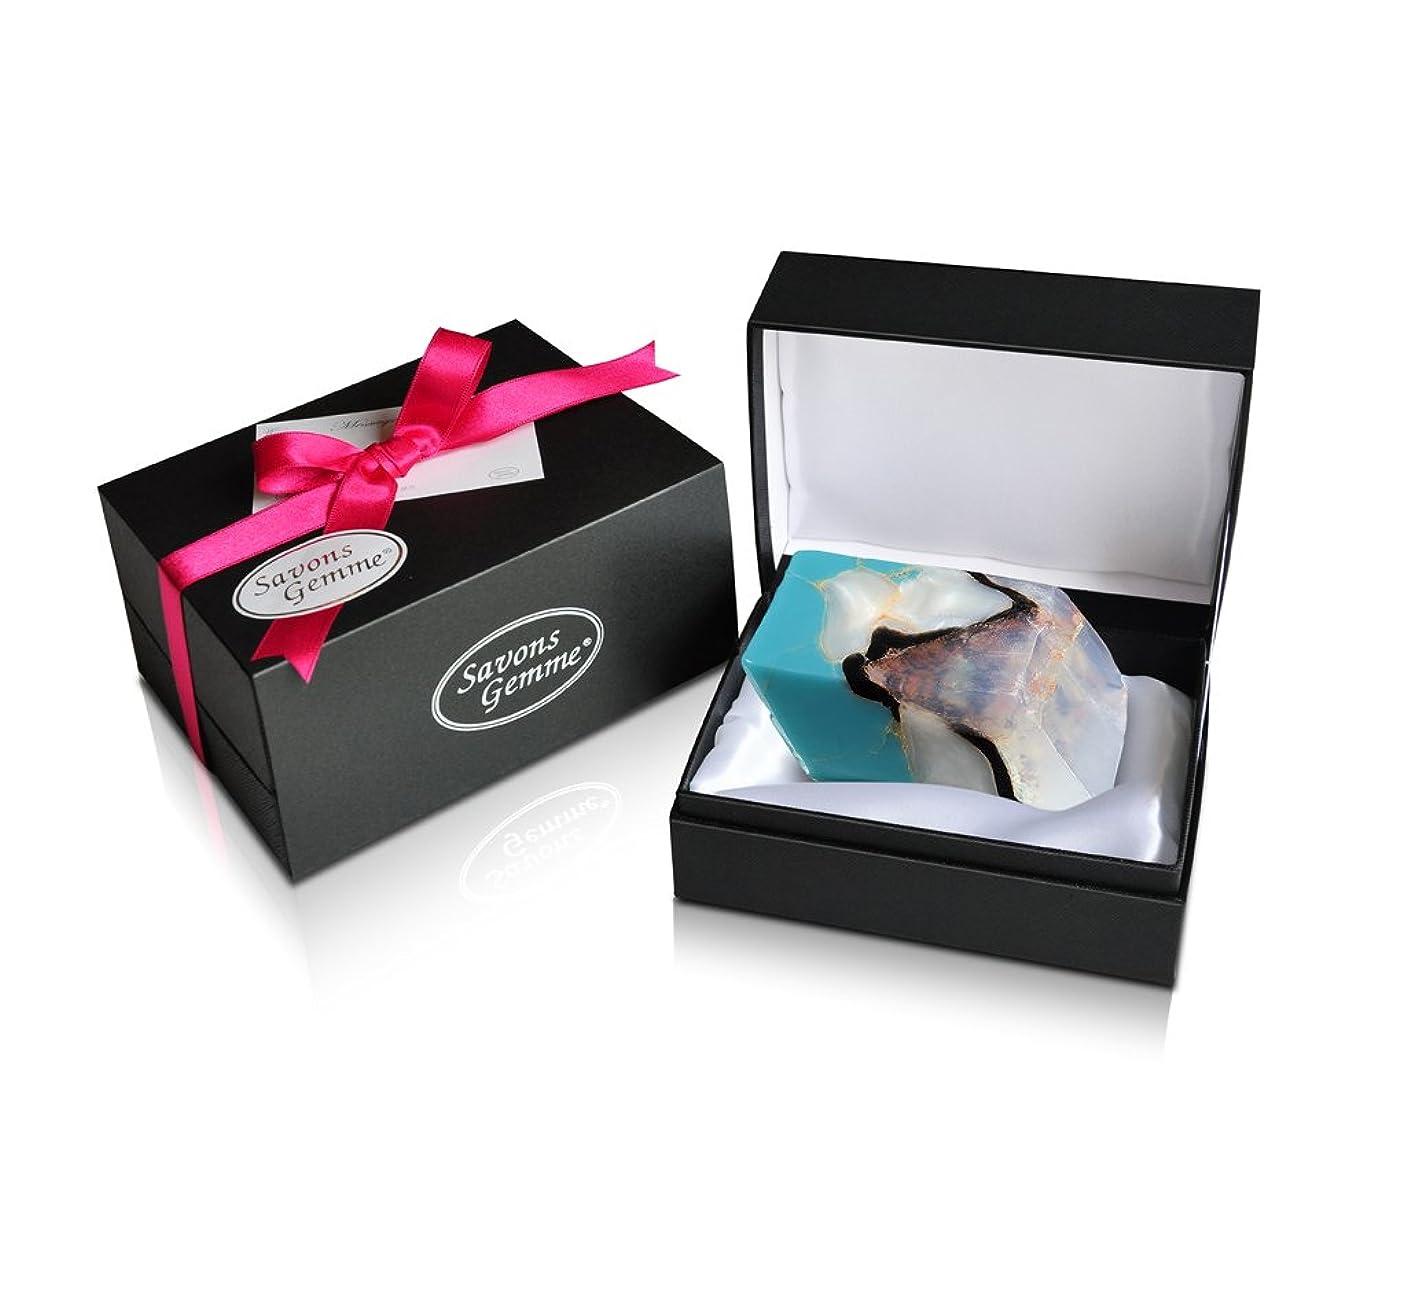 存在する親密な修羅場Savons Gemme サボンジェム ジュエリーギフトボックス 世界で一番美しい宝石石鹸 フレグランス ソープ ターコイズ 170g